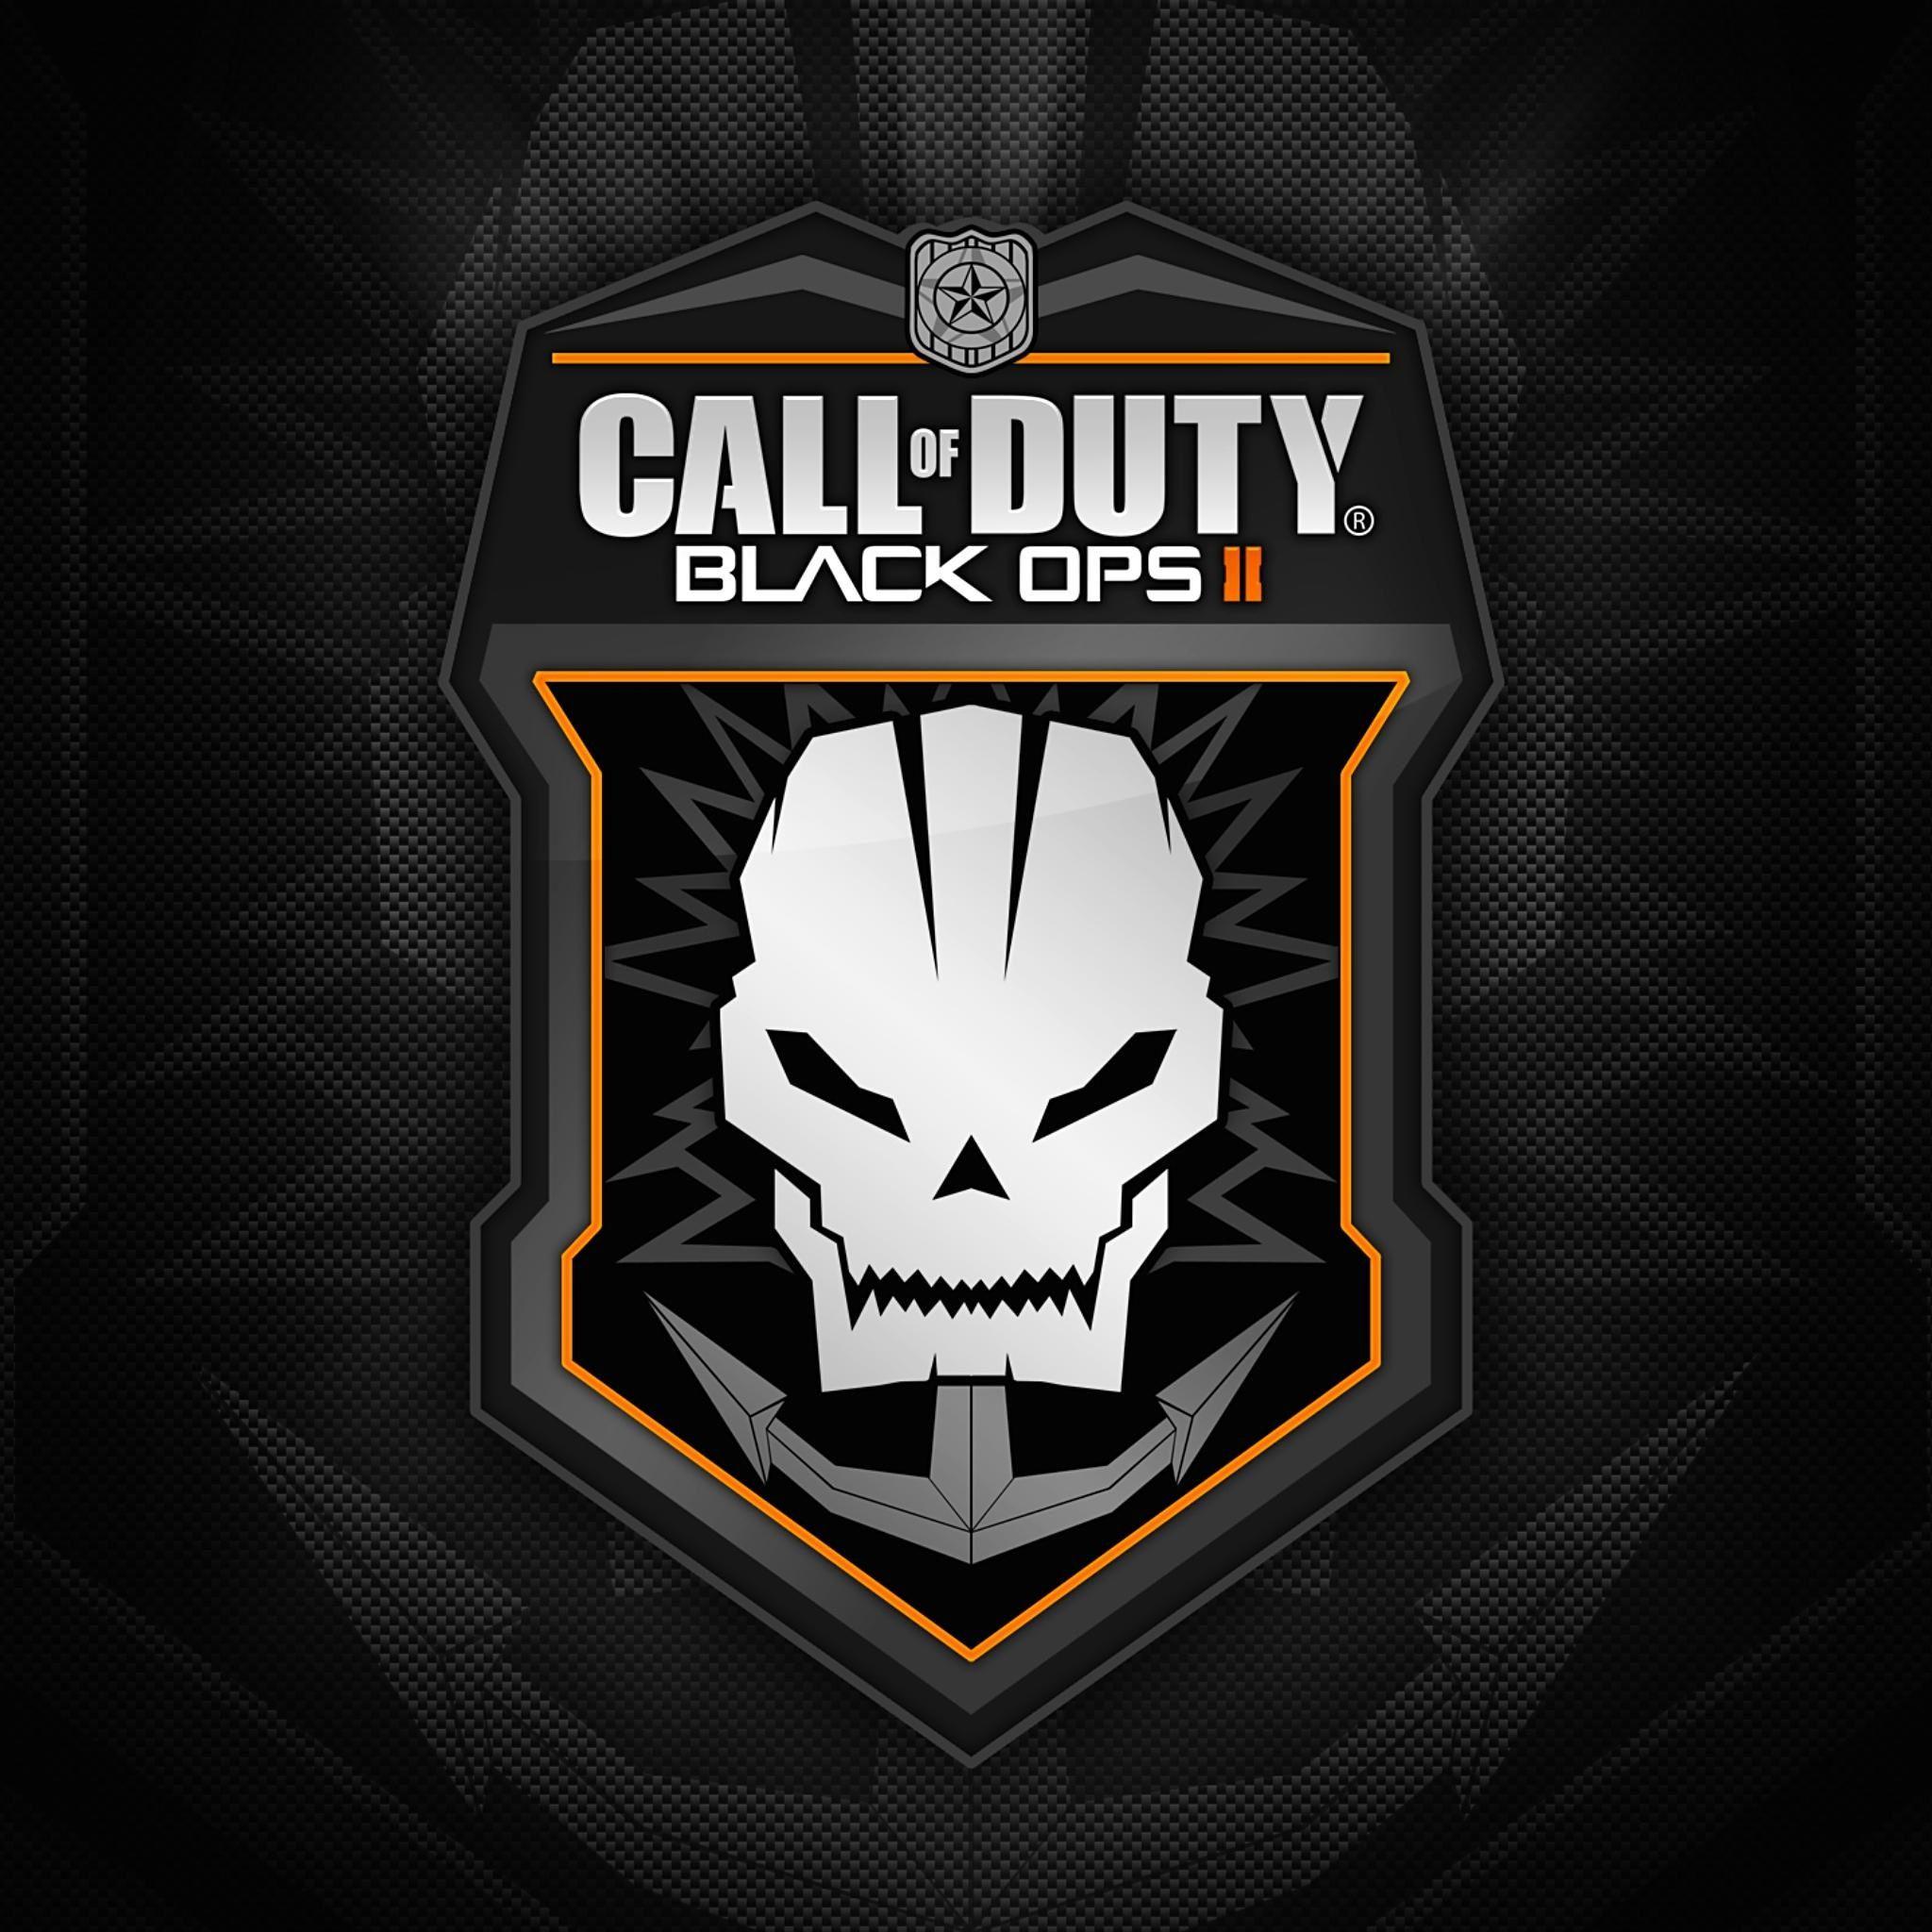 Call Of Duty Black Ops 2 Com Imagens Imagem De Fundo Para